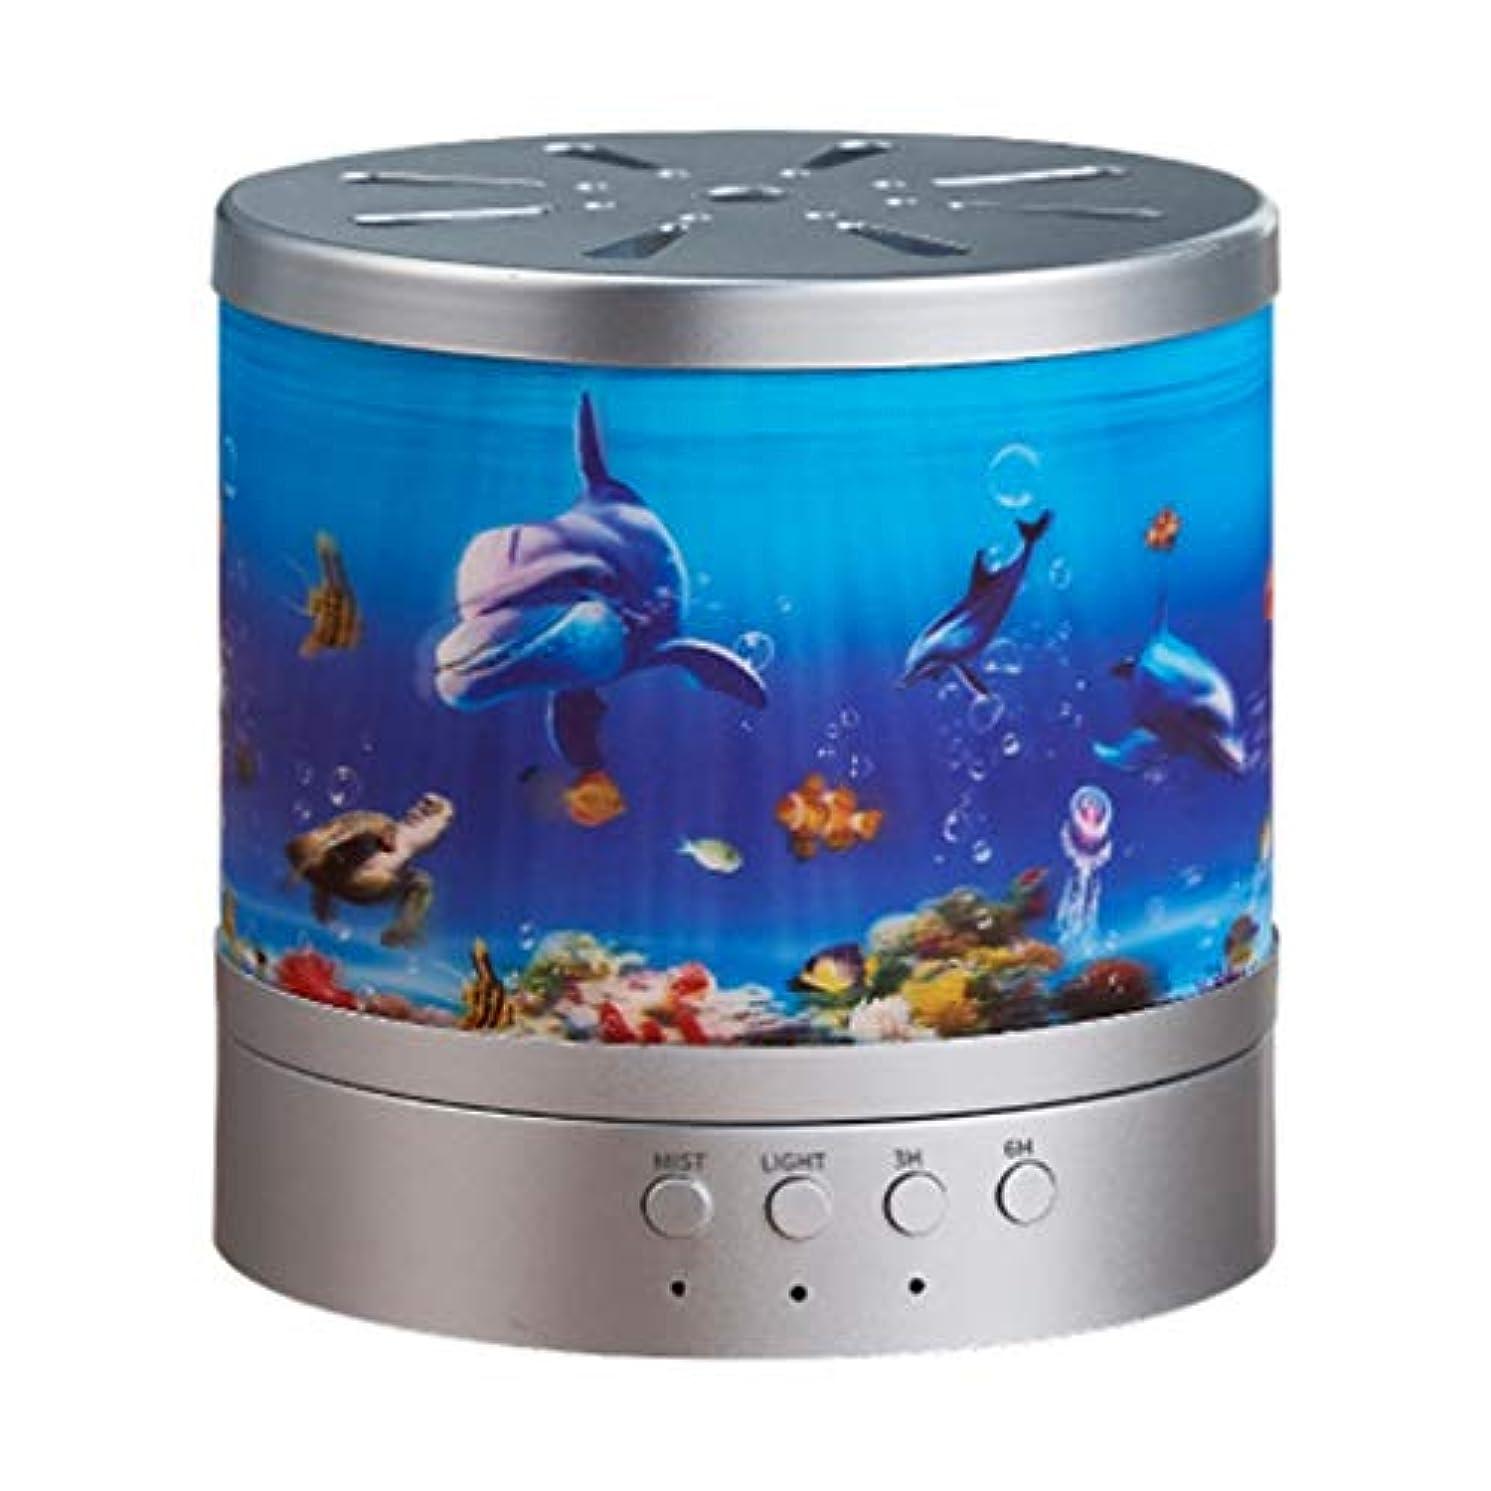 多様性役員干ばつ精油のための海洋の主題の拡散器超音波涼しい霧の加湿器、水なしの自動シャットオフおよび7つの色LEDライトは内務省のために変わります (Color : Silver)